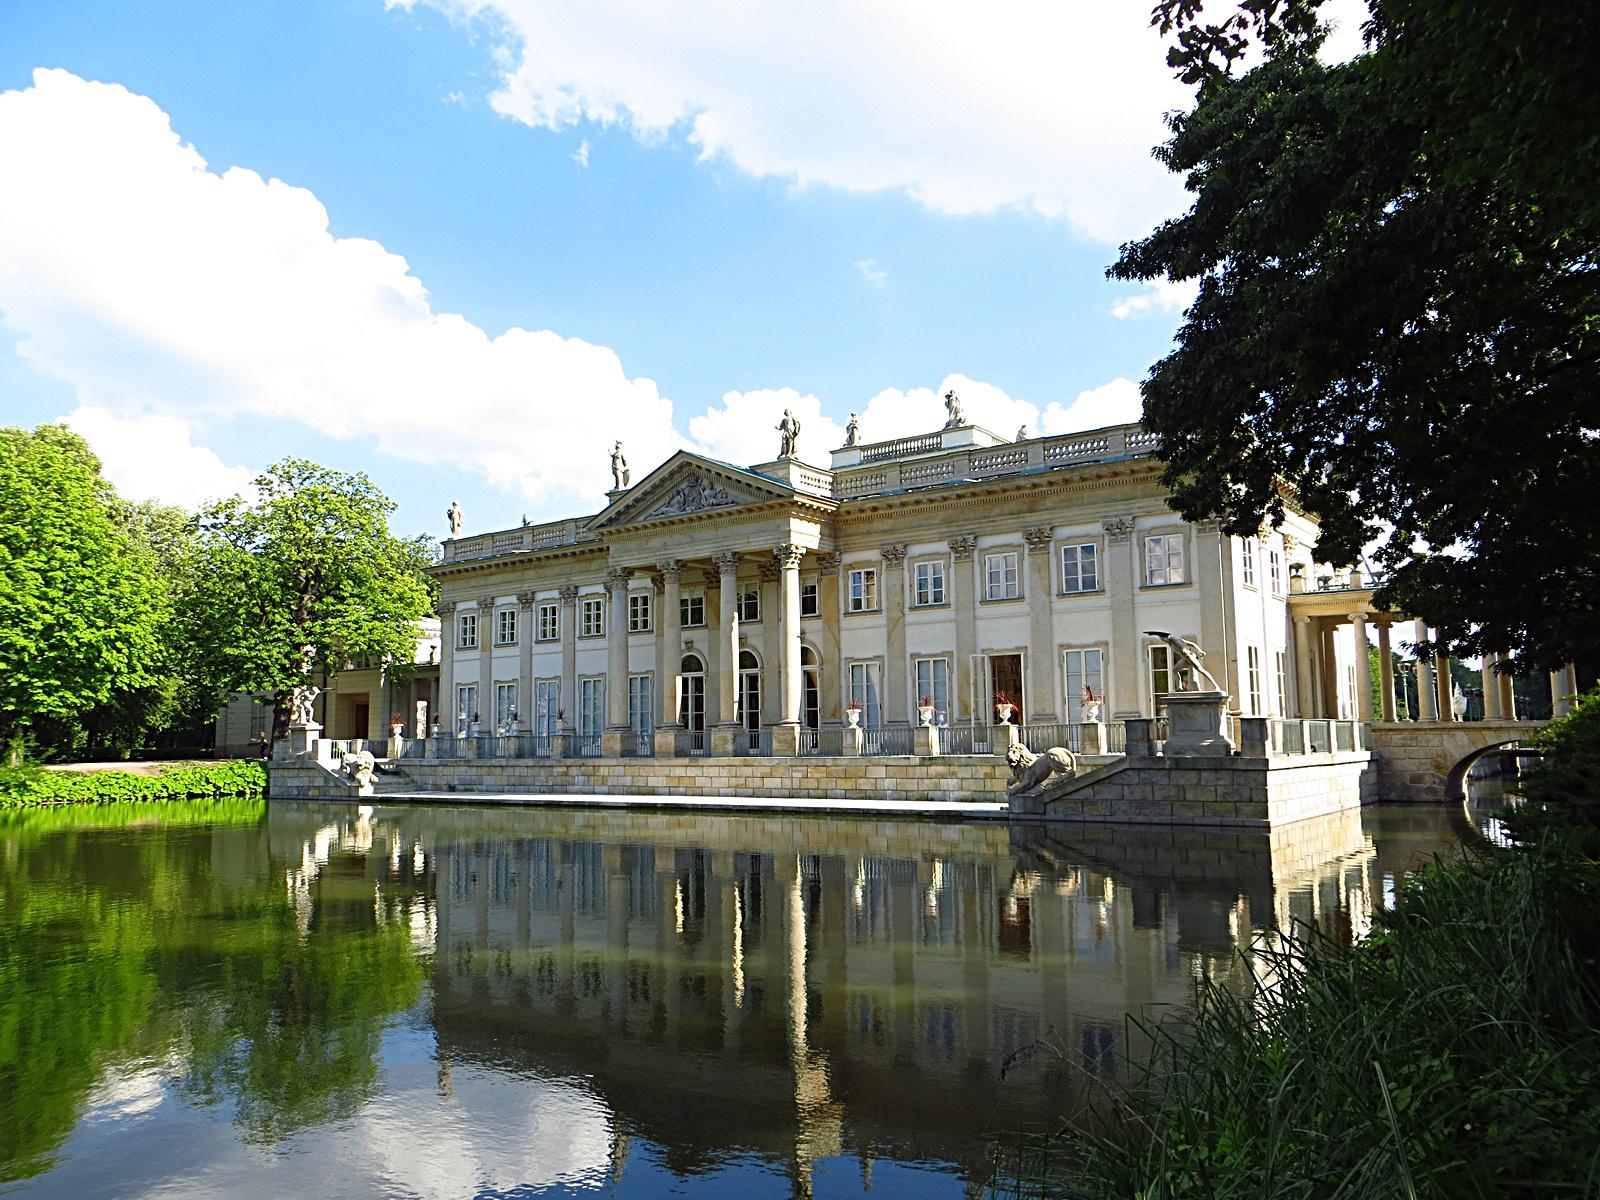 Filełazienki Królewskie Pałac Na Wyspie Panoramio